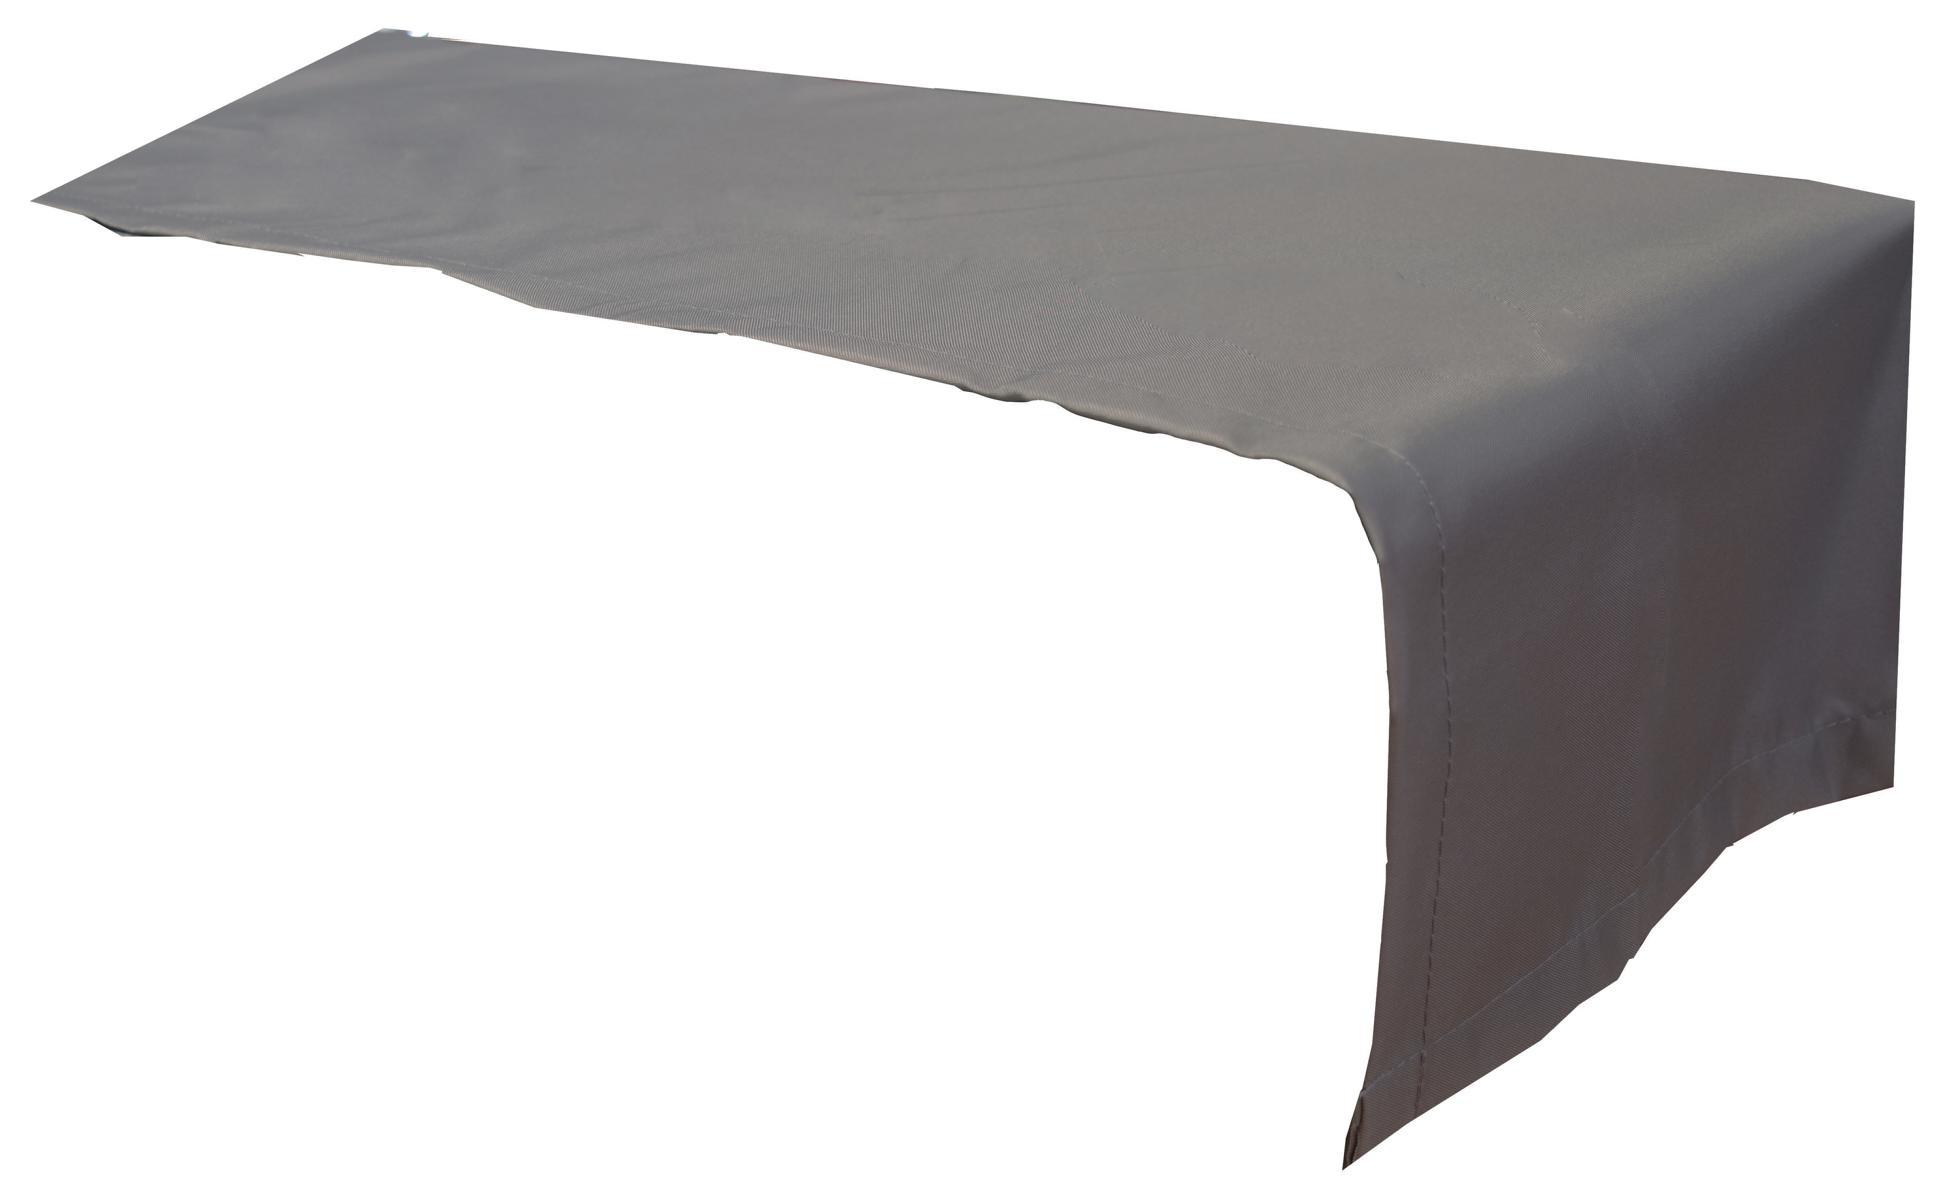 Tischläufer 120x45 cm wasserabweisend 100% Polyester in anthrazit